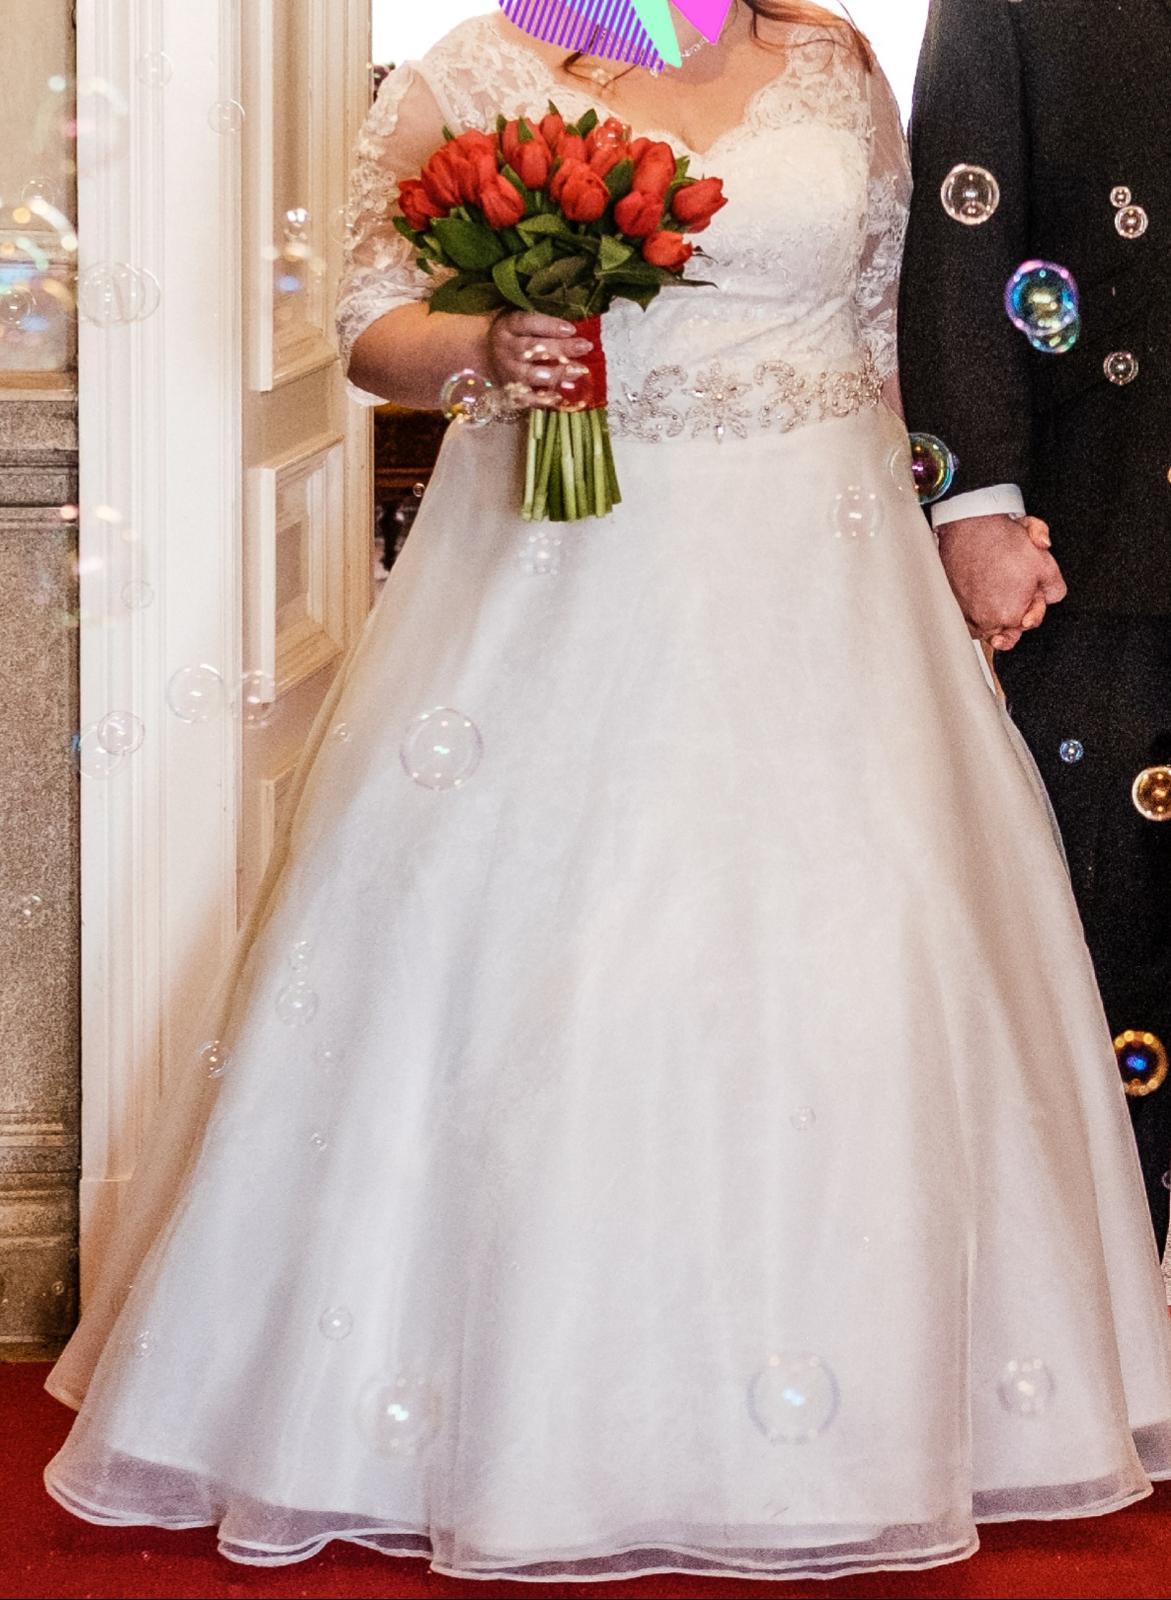 Svatební šaty pro plnoštíhlou nevěstu - Obrázek č. 1